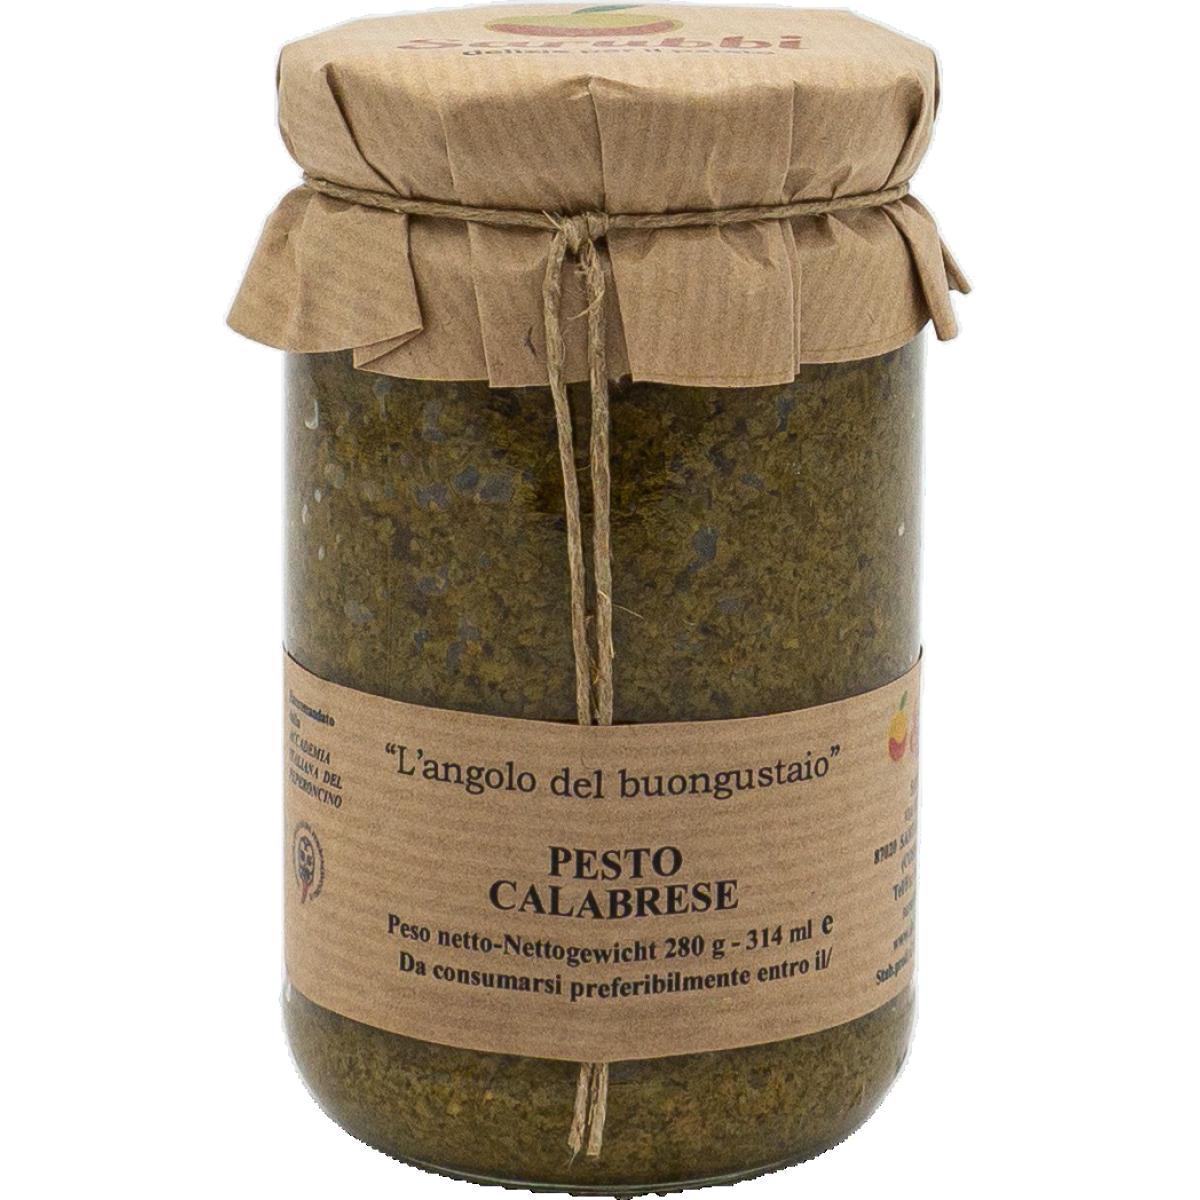 Pesto Calabrese, PIK 1